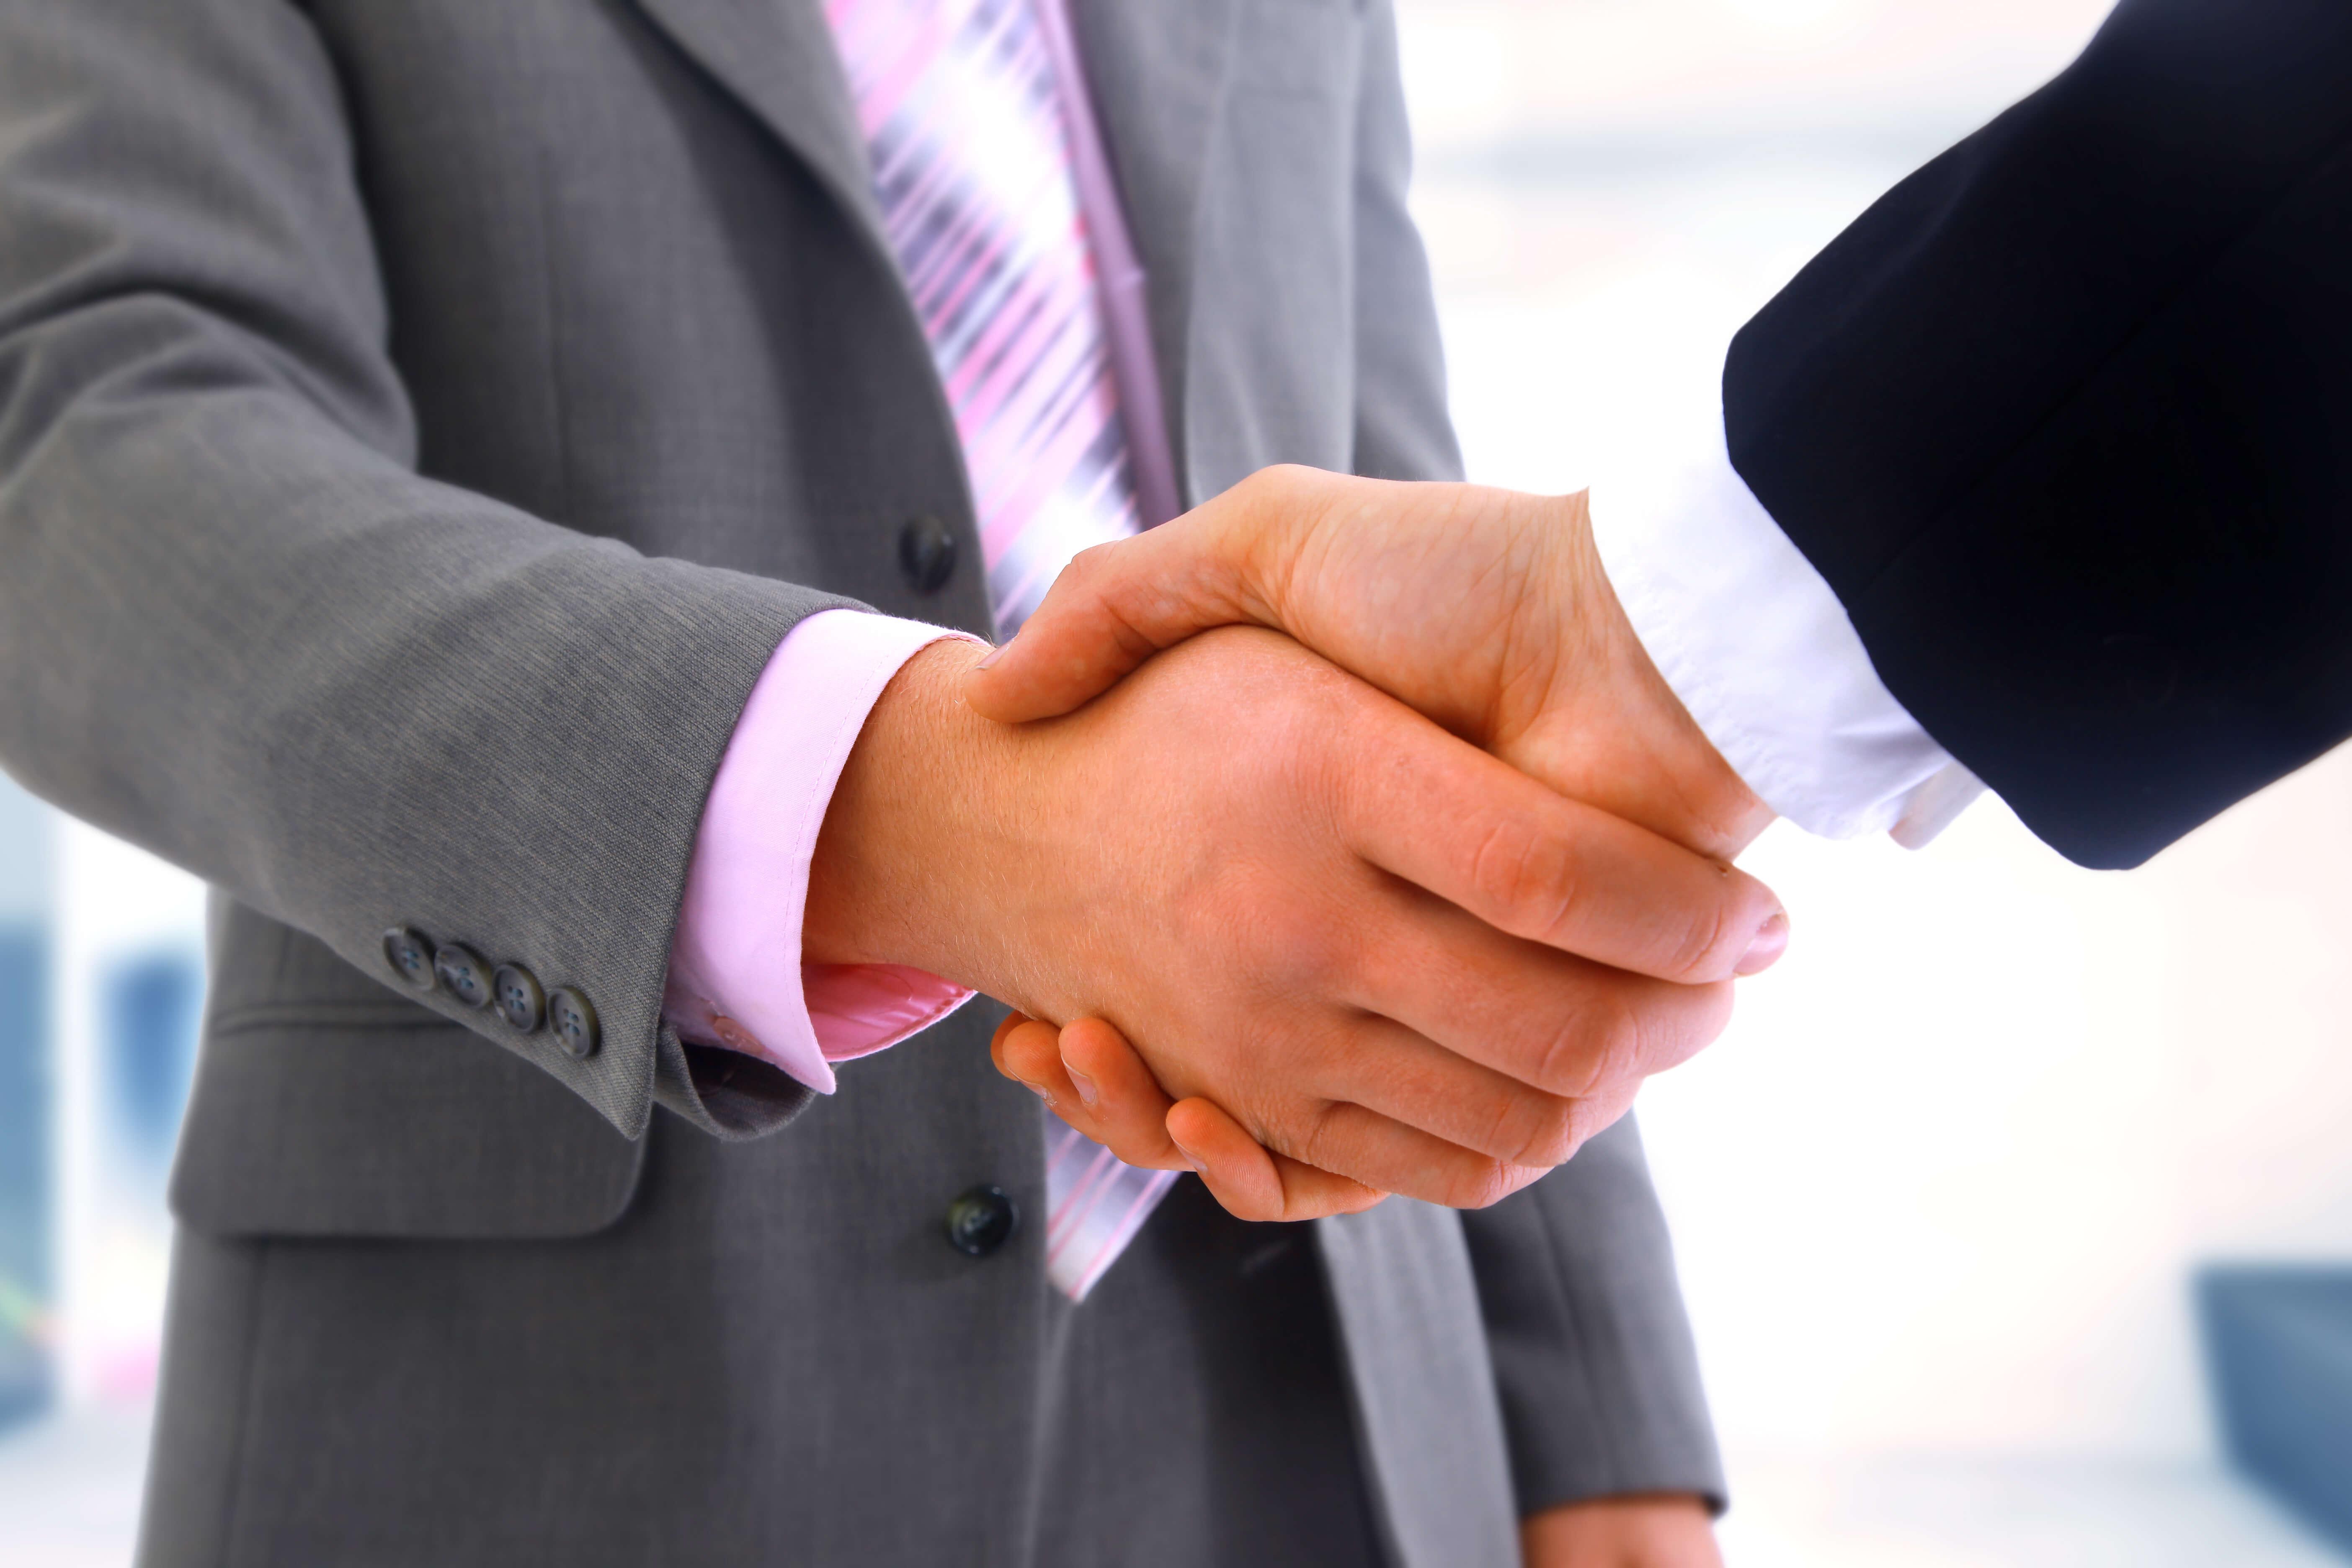 หลักการ shake hand ในการสัมภาษณ์งานกับคนต่างชาติ